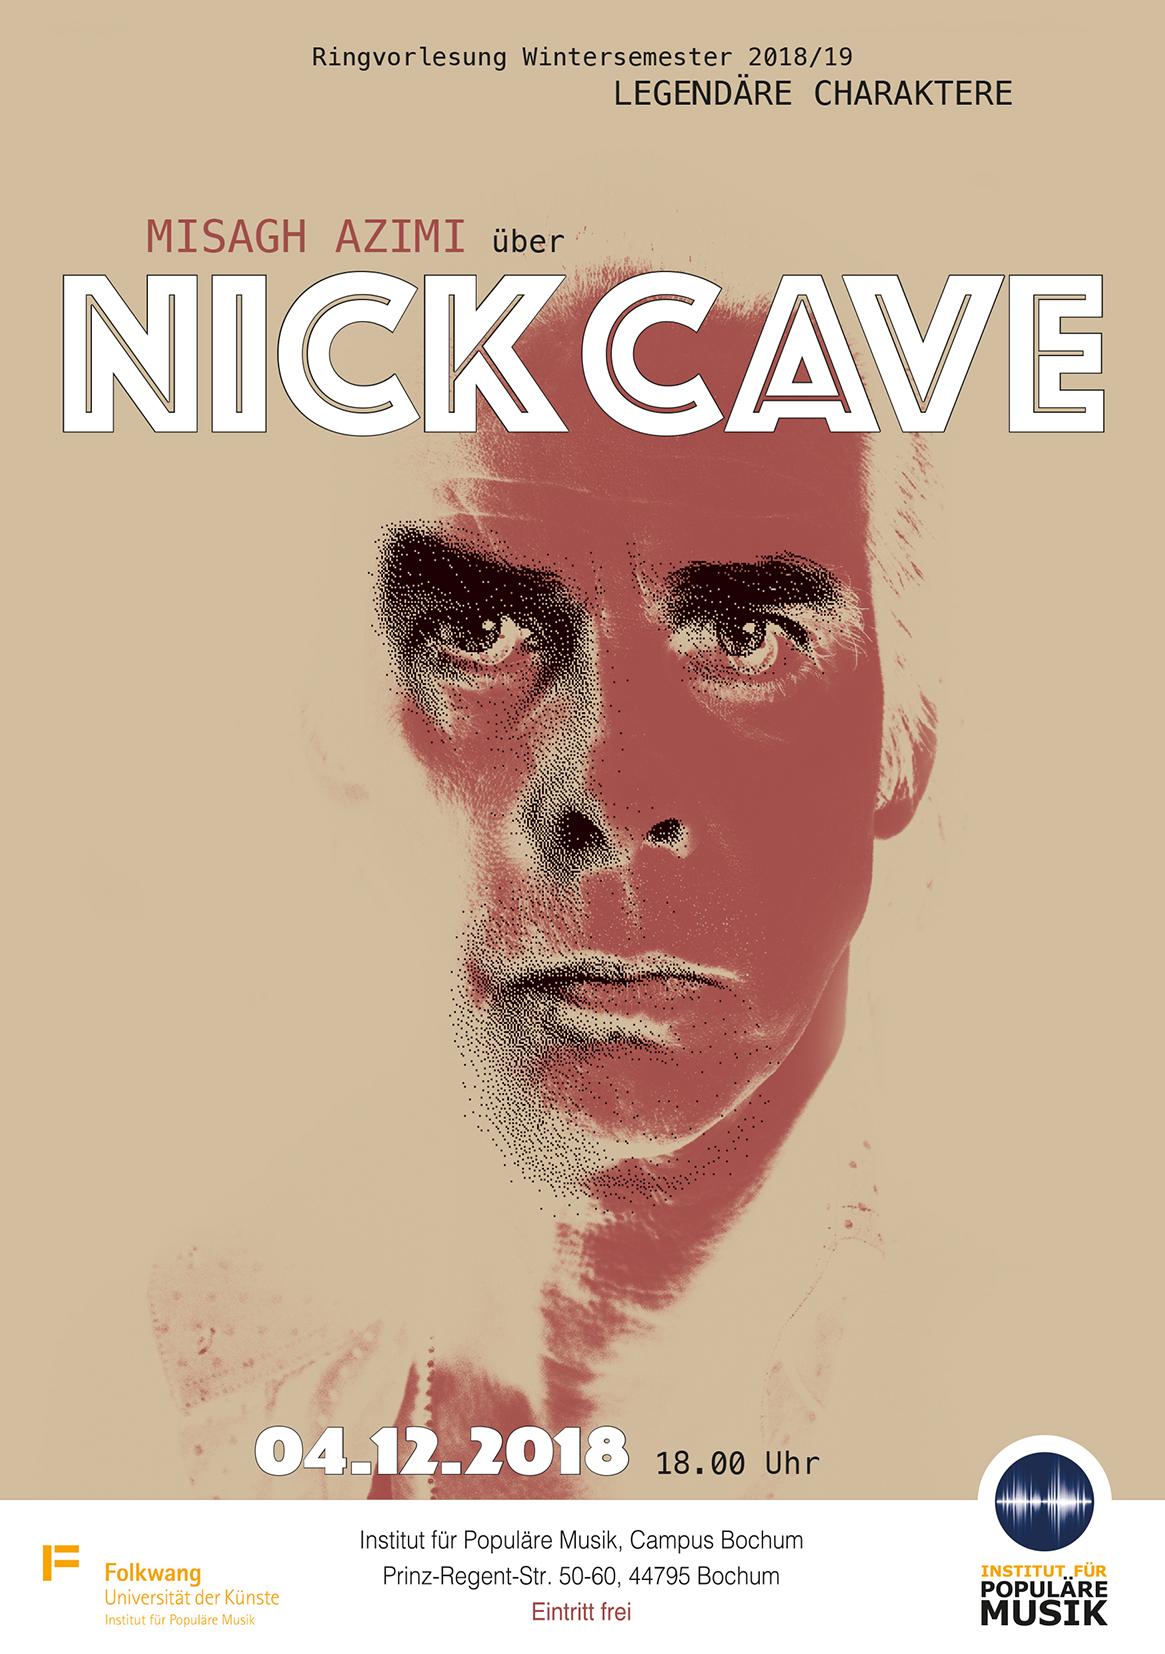 Legendäre Charaktere - Misagh Azimi über Nick Cave